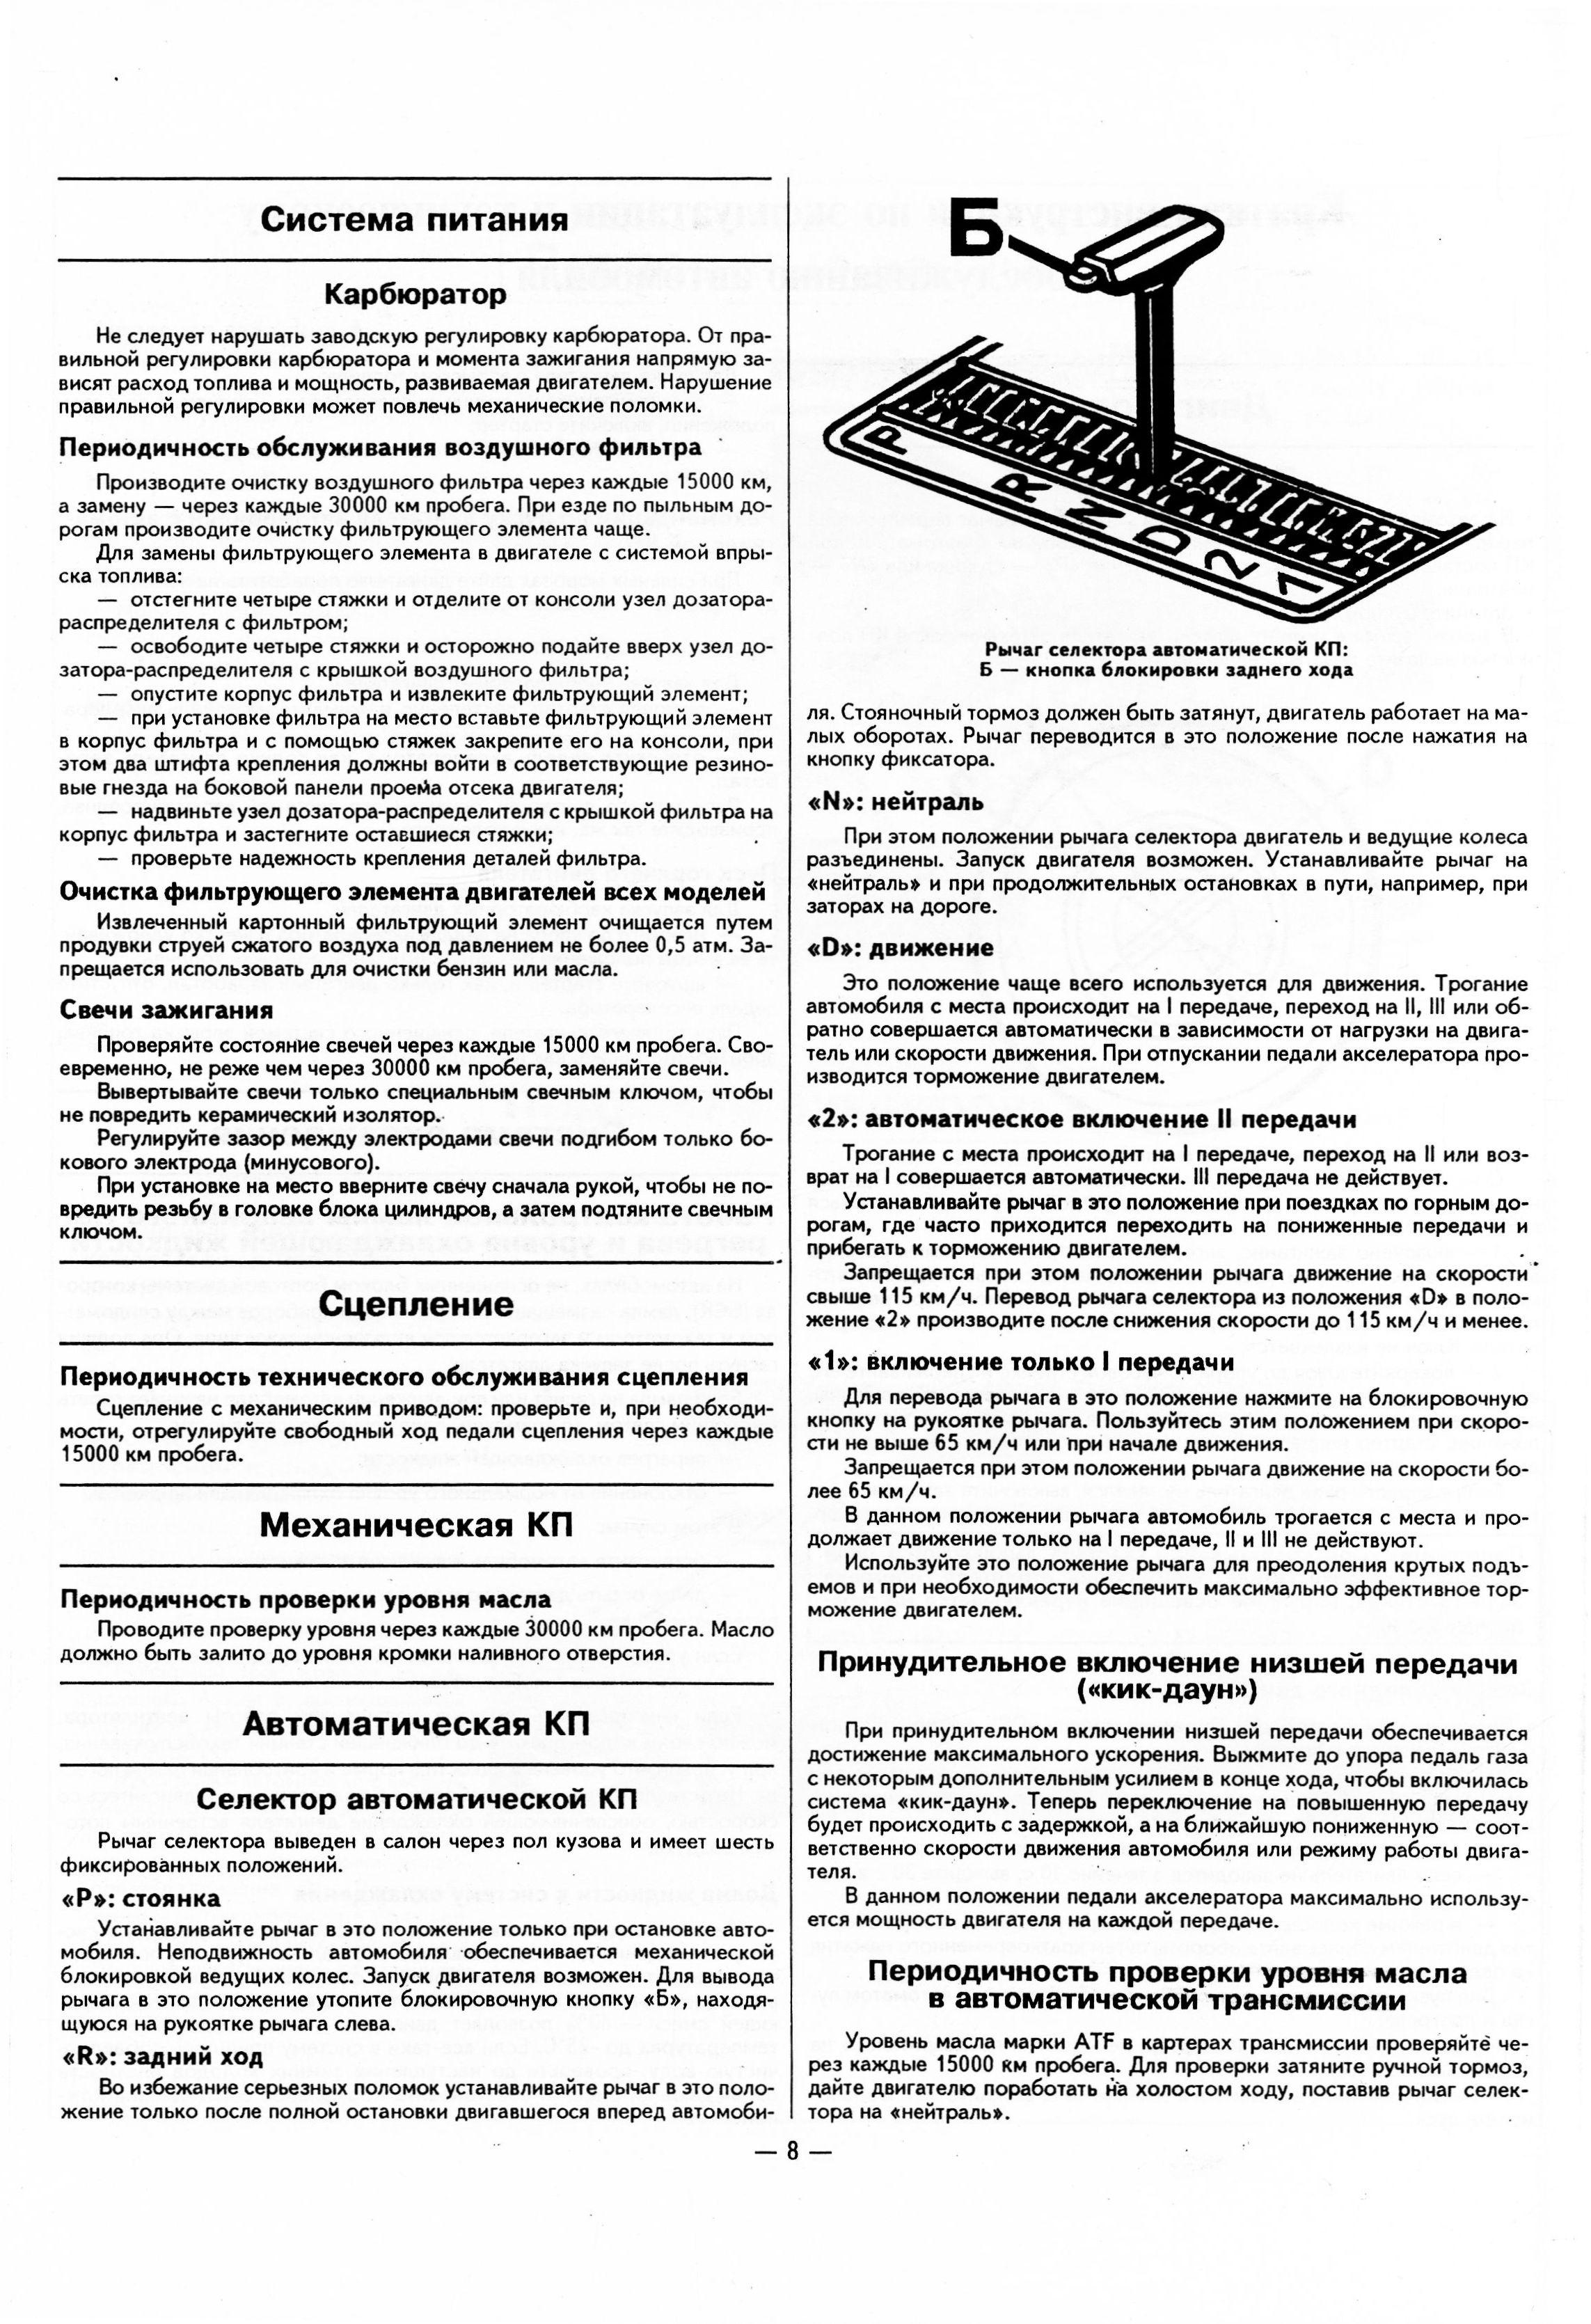 Ауди 100 Инструкция По Обслуживанию